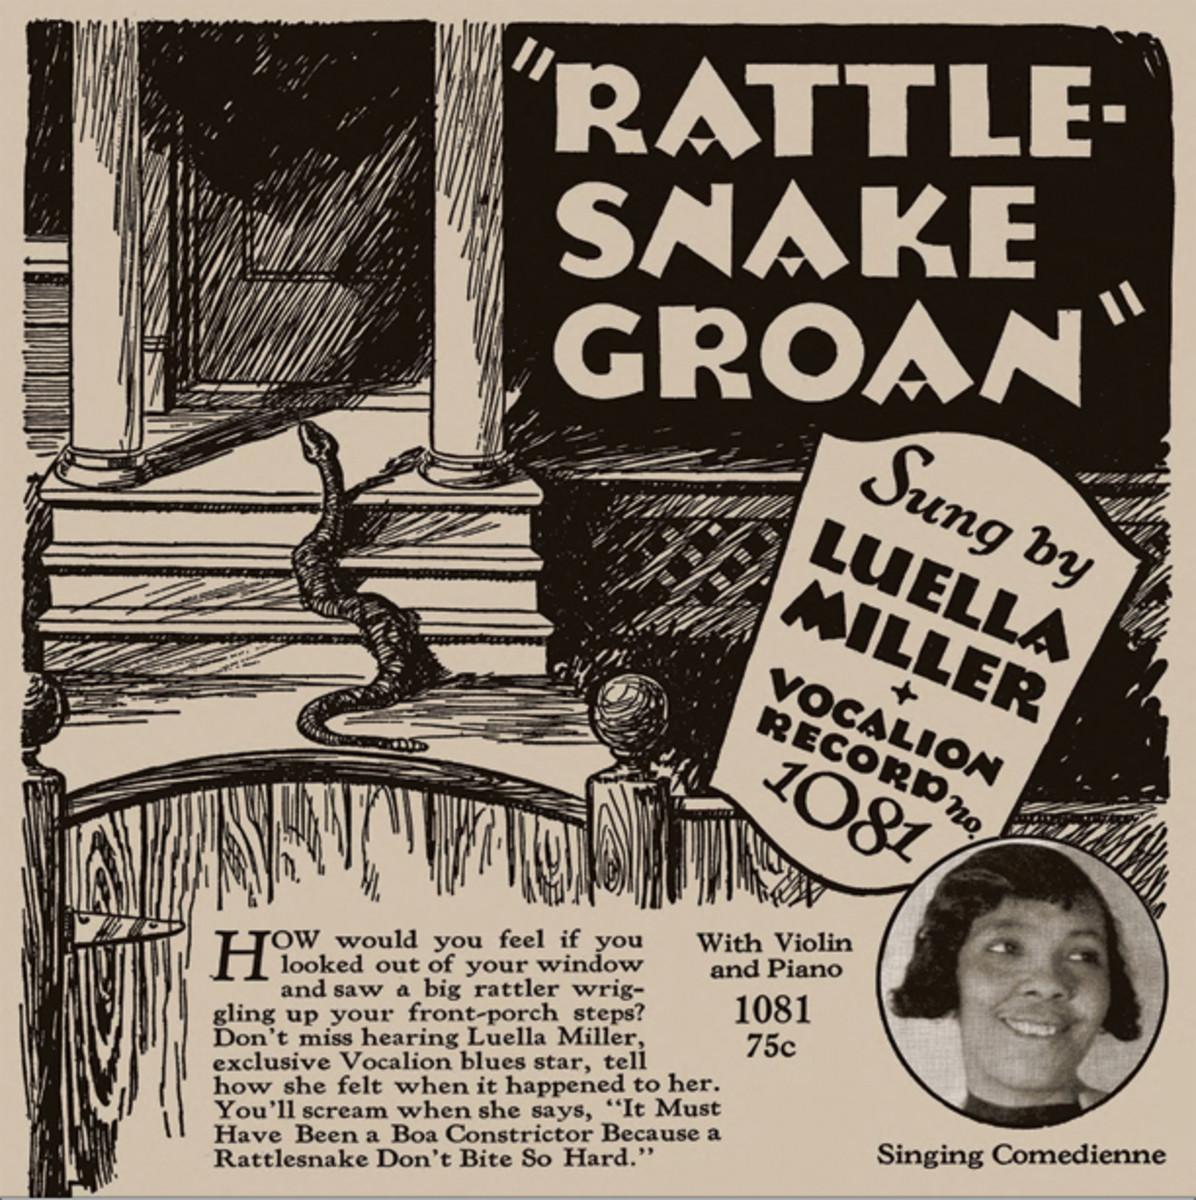 Luella Miller Rattlesnake Groan